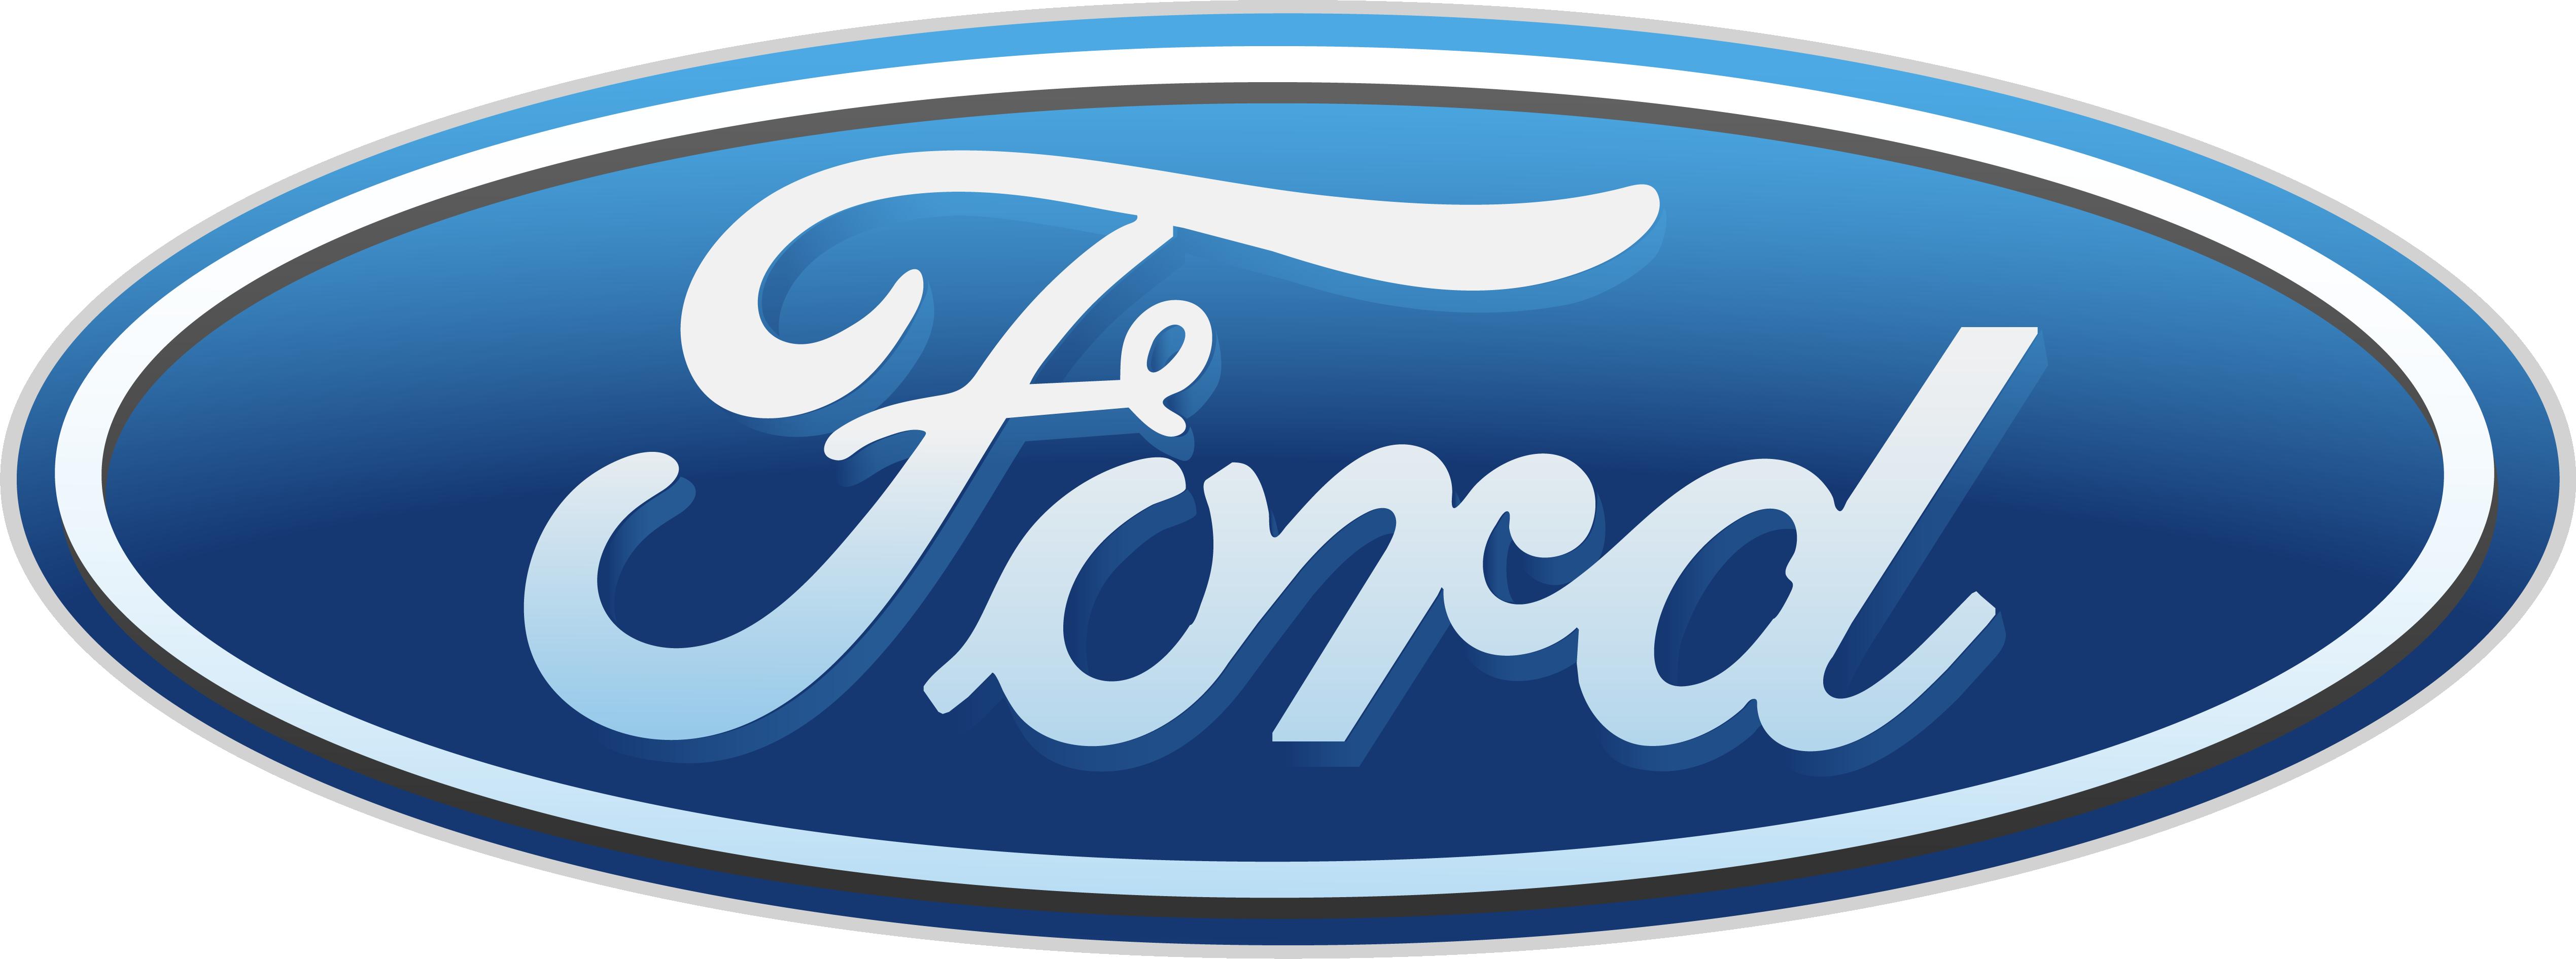 ford logo png gratis